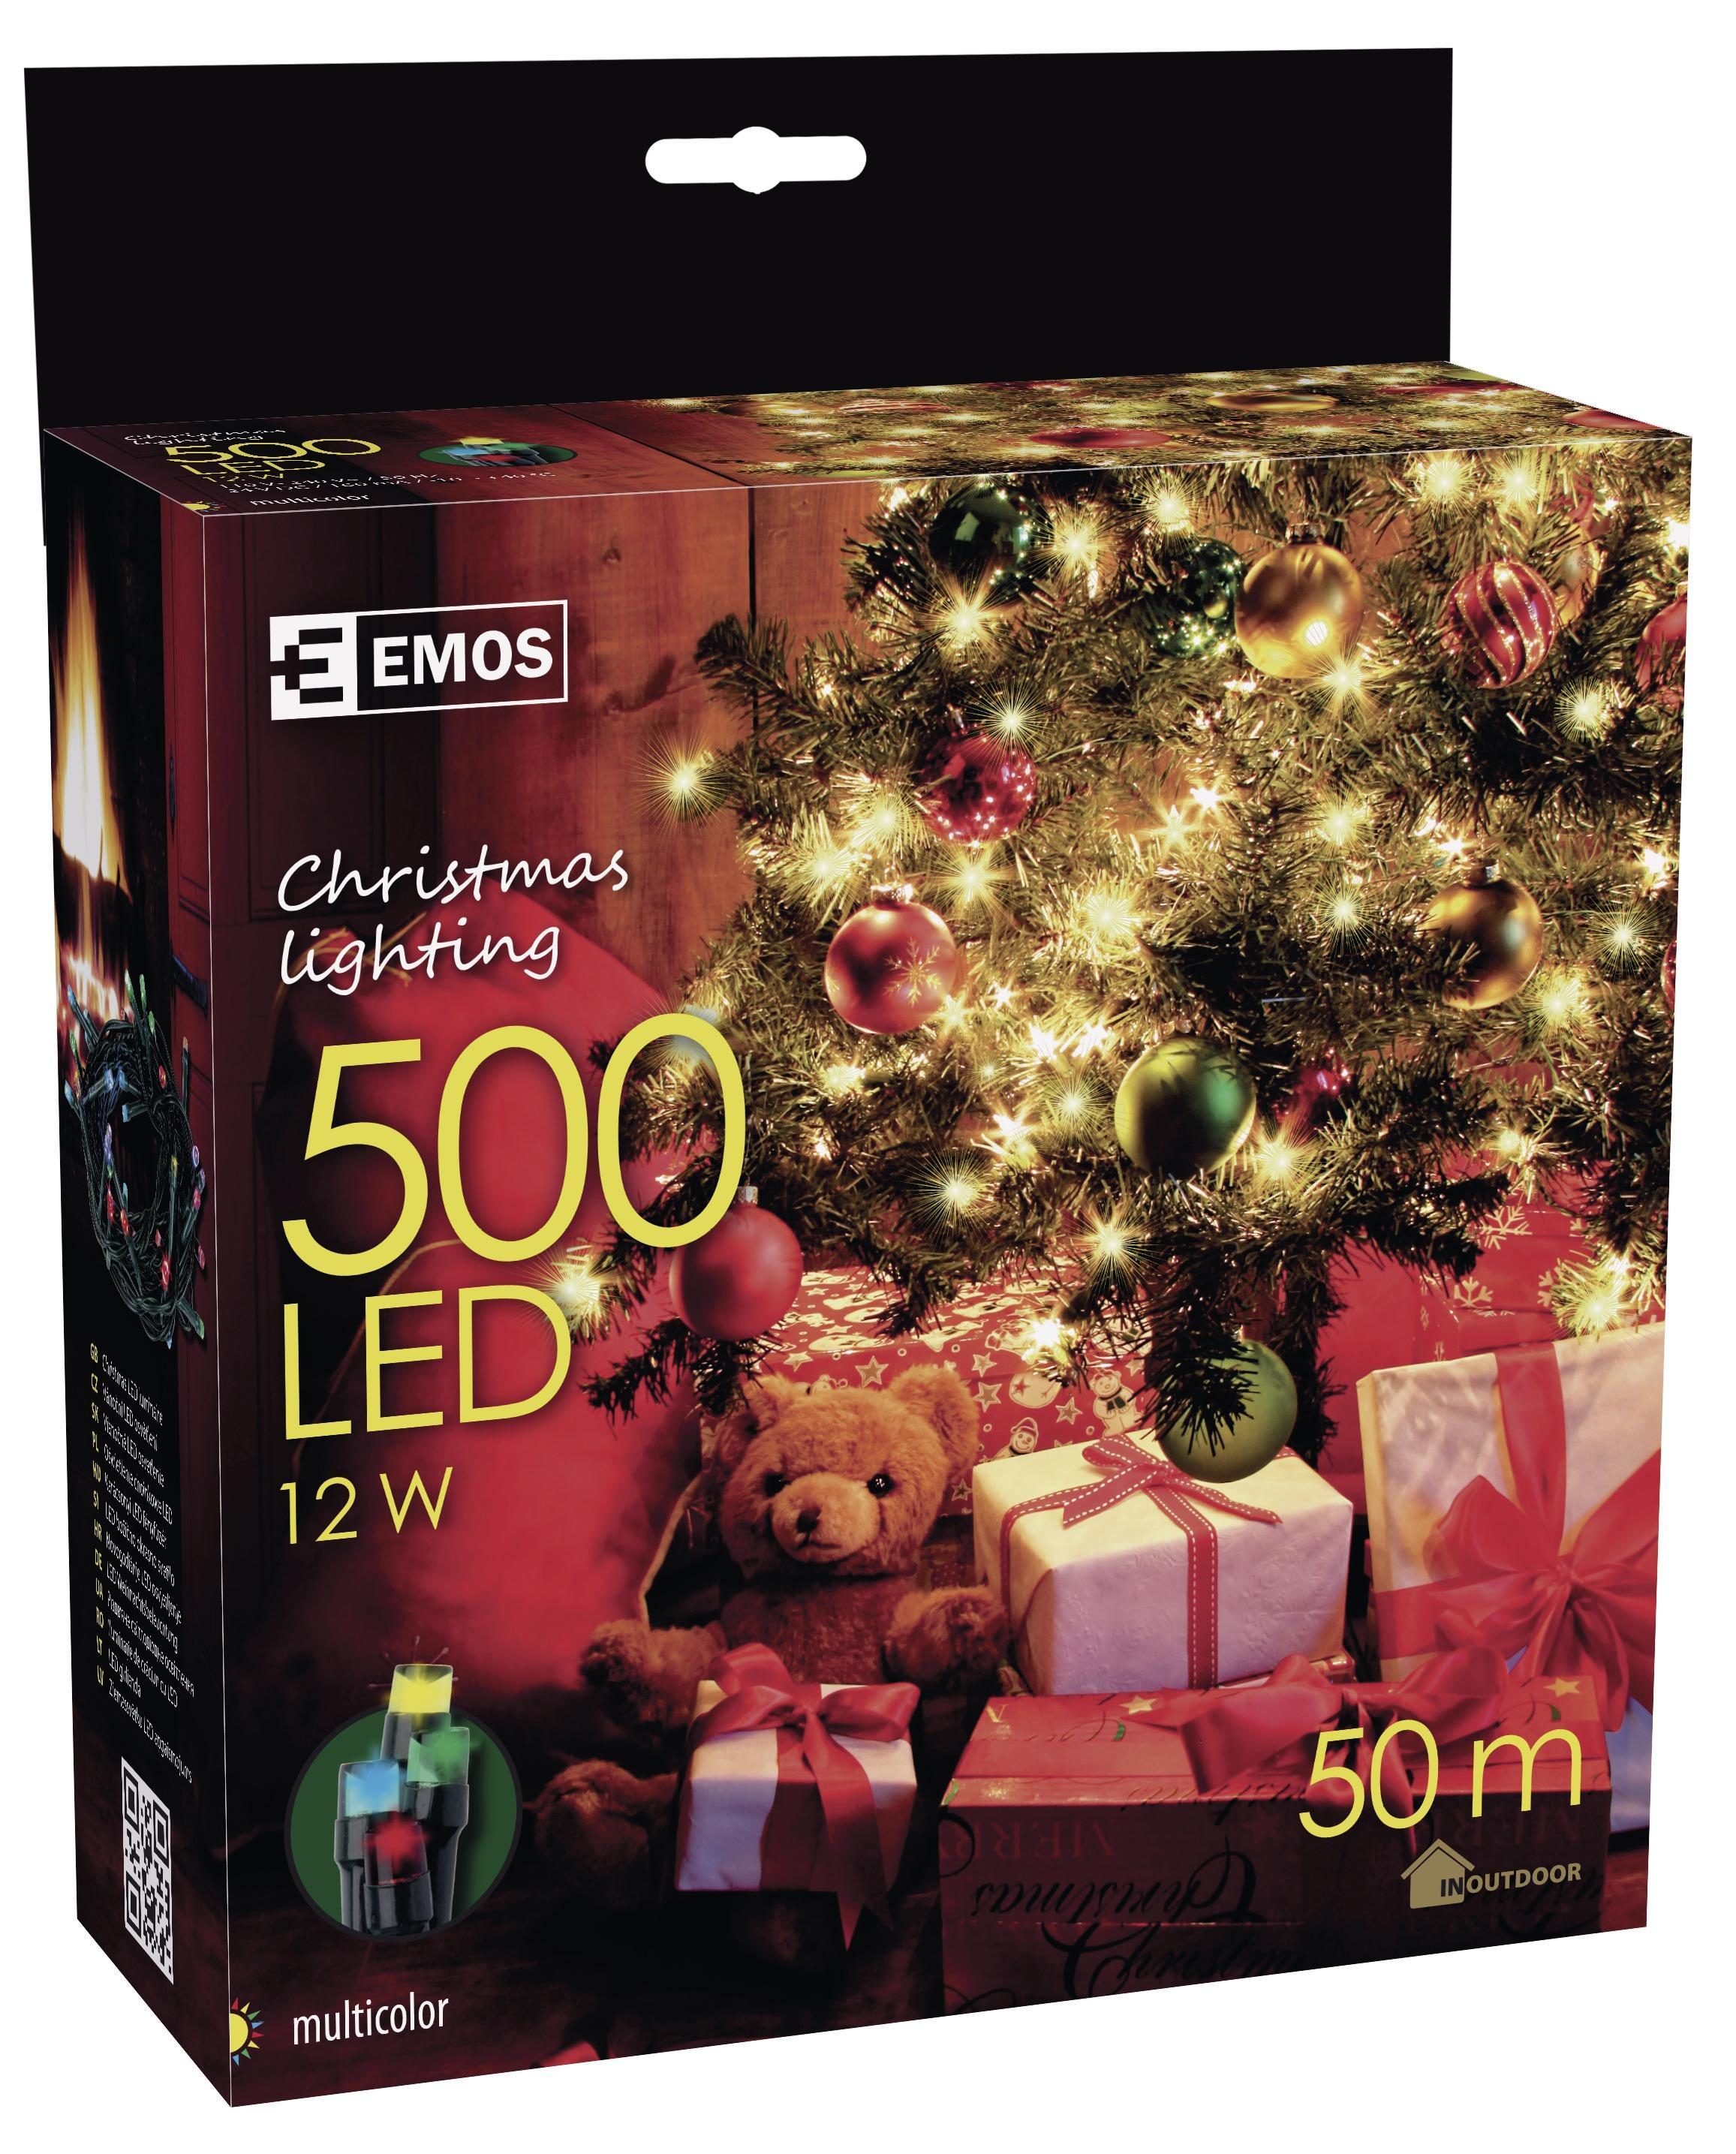 500 LED vánoční osvětlení 50M IP44 multicolor